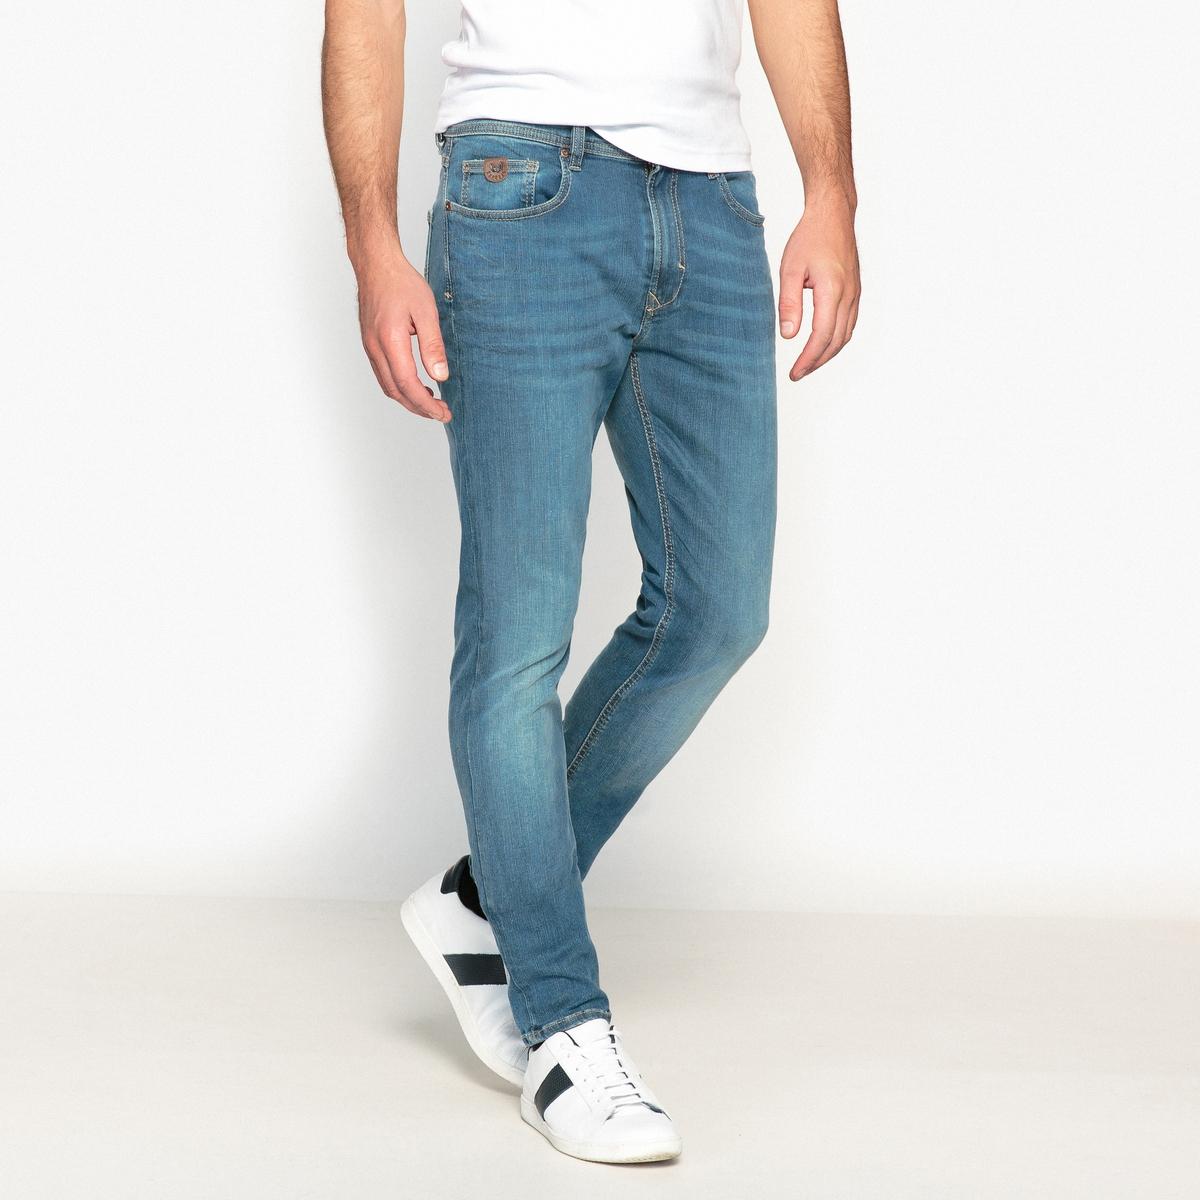 Джинсы слим джинсы слим с тропическим рисунком 3 14 лет